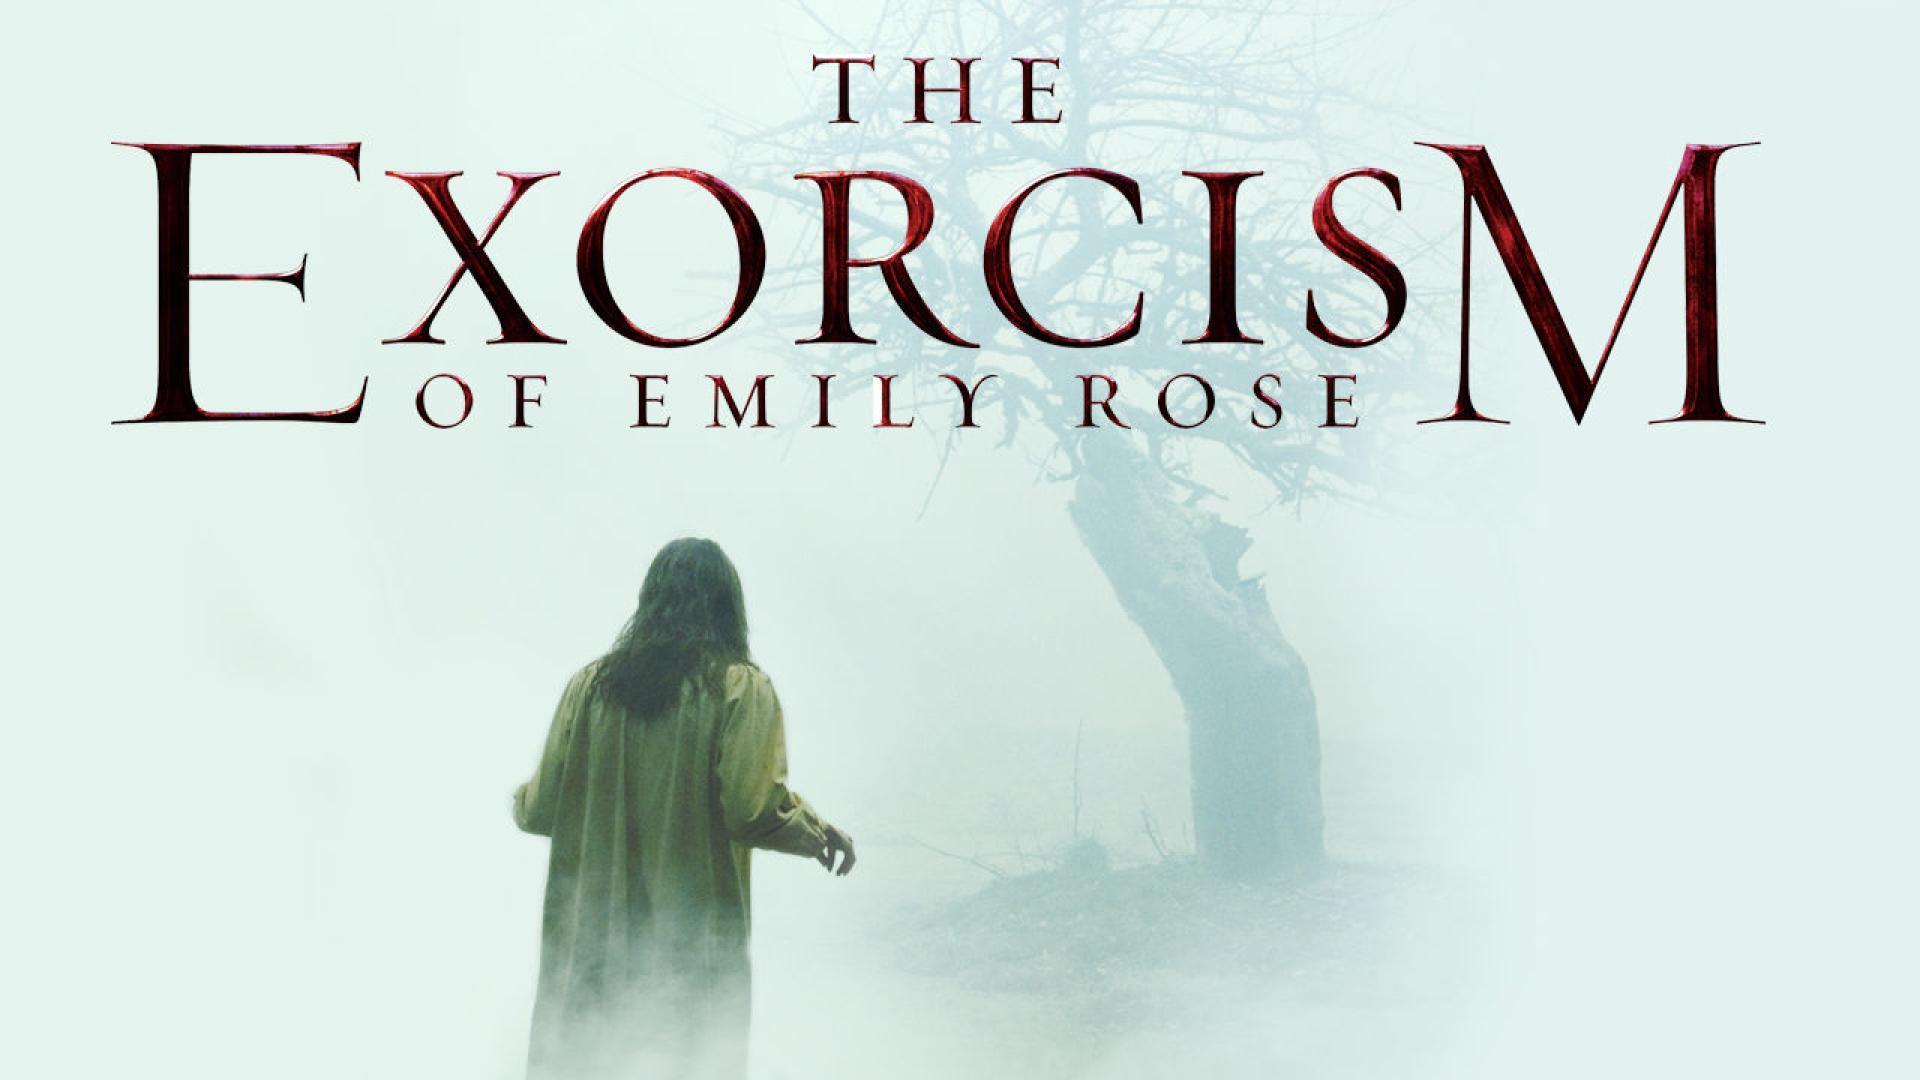 15 érdekesség az Ördögűzés Emily Rose üdvéért című filmről